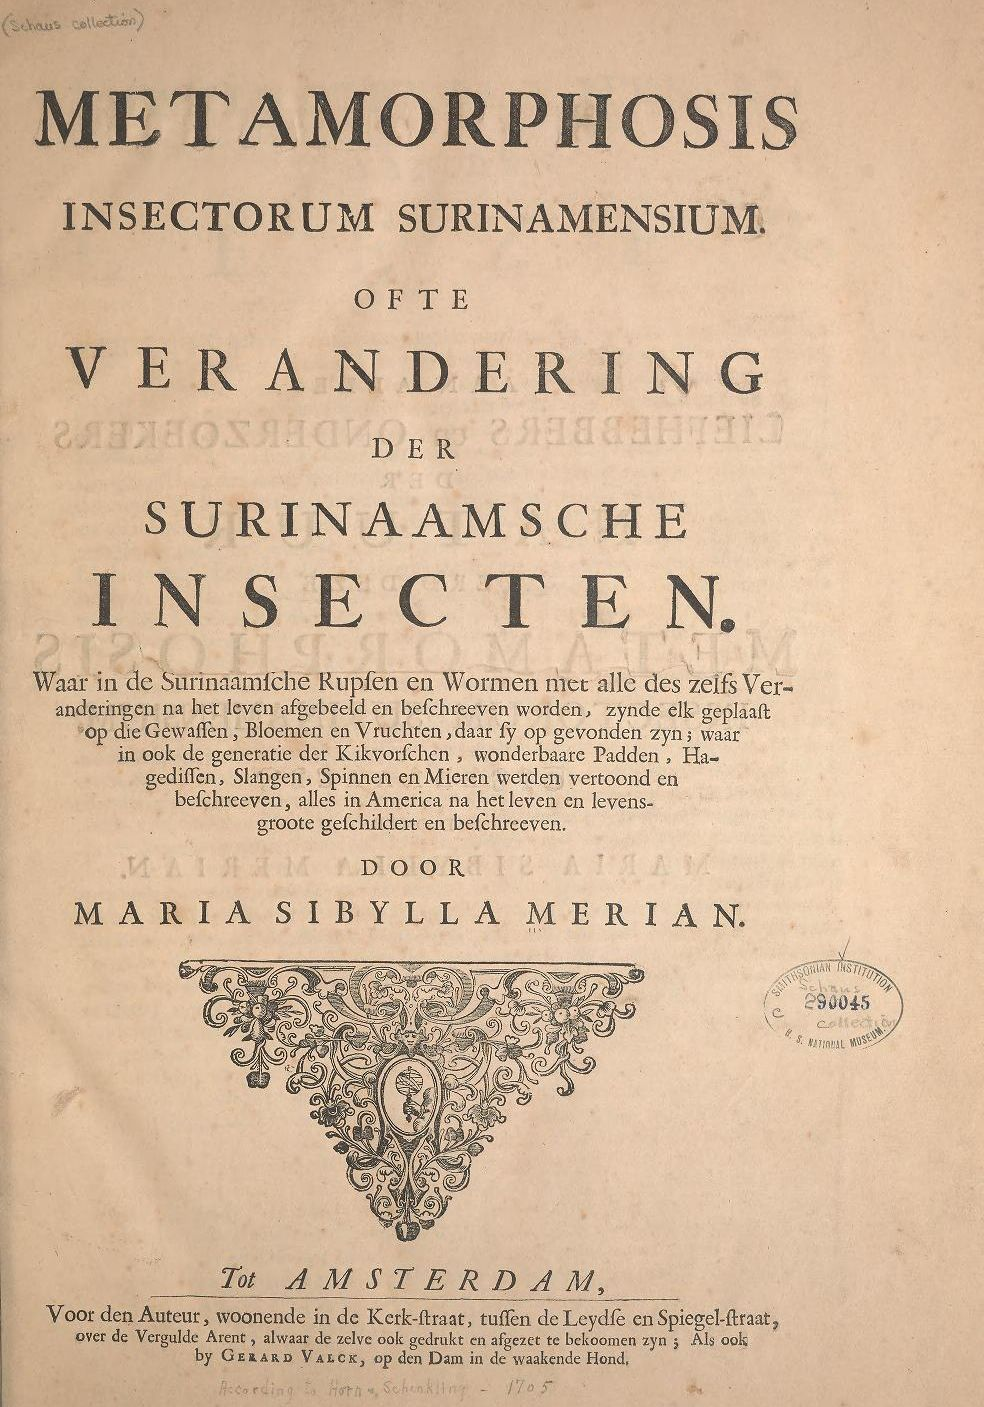 300年前の女性昆虫学者の作品がオープンアクセスに_c0025115_22481909.jpg